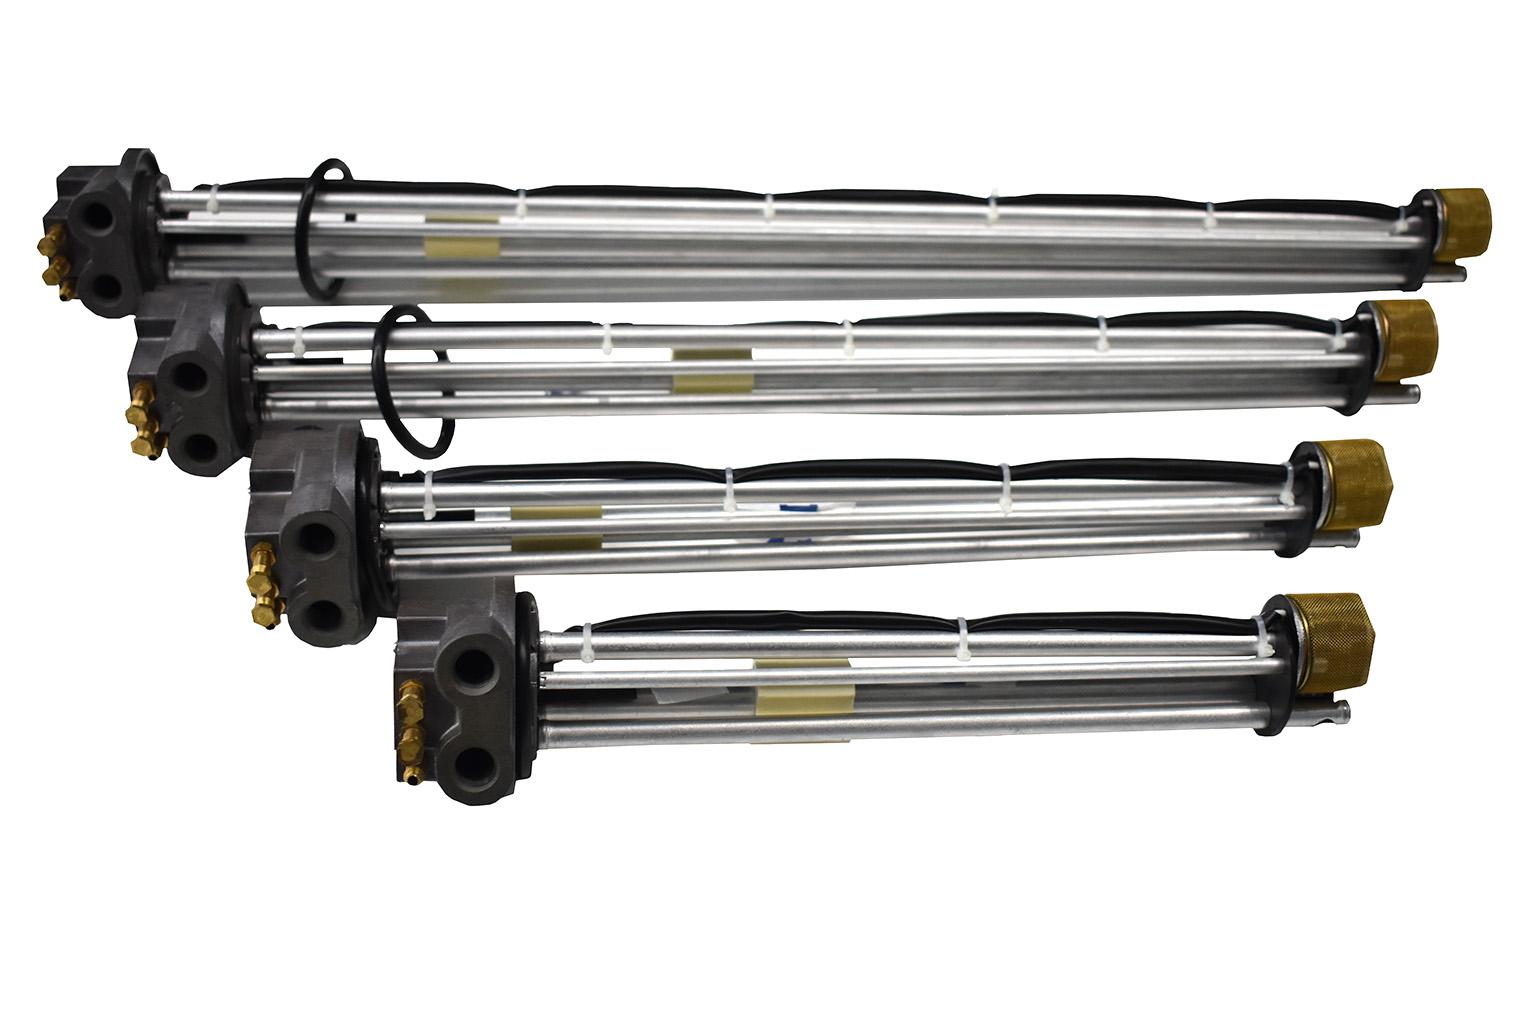 Датчик уровня комбинированный  с электроподогревателем топлива ДУКЭП-90-24/0,2 (Единый топливозаборник)